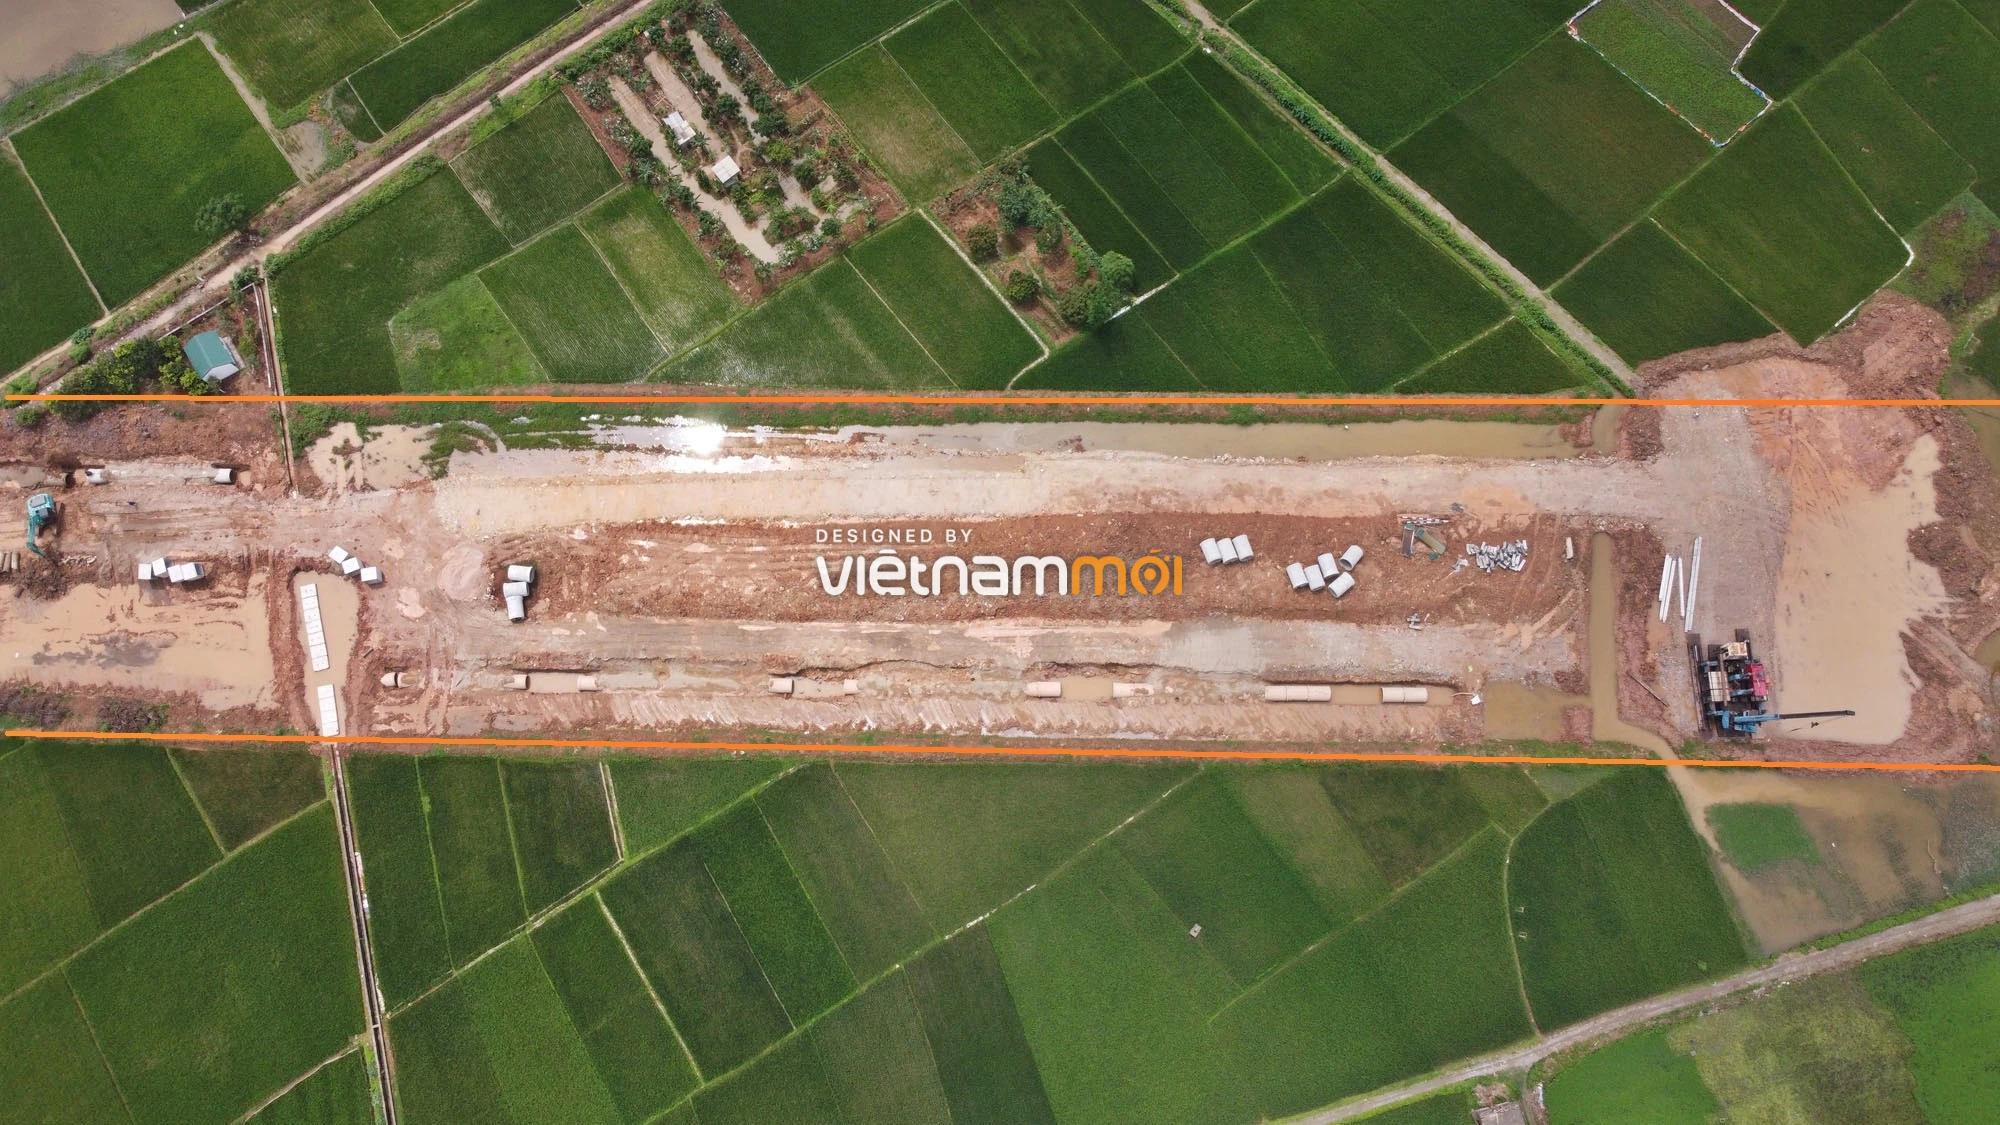 Toàn cảnh đường Lại Yên - Vân Canh đang mở theo quy hoạch ở Hà Nội - Ảnh 13.